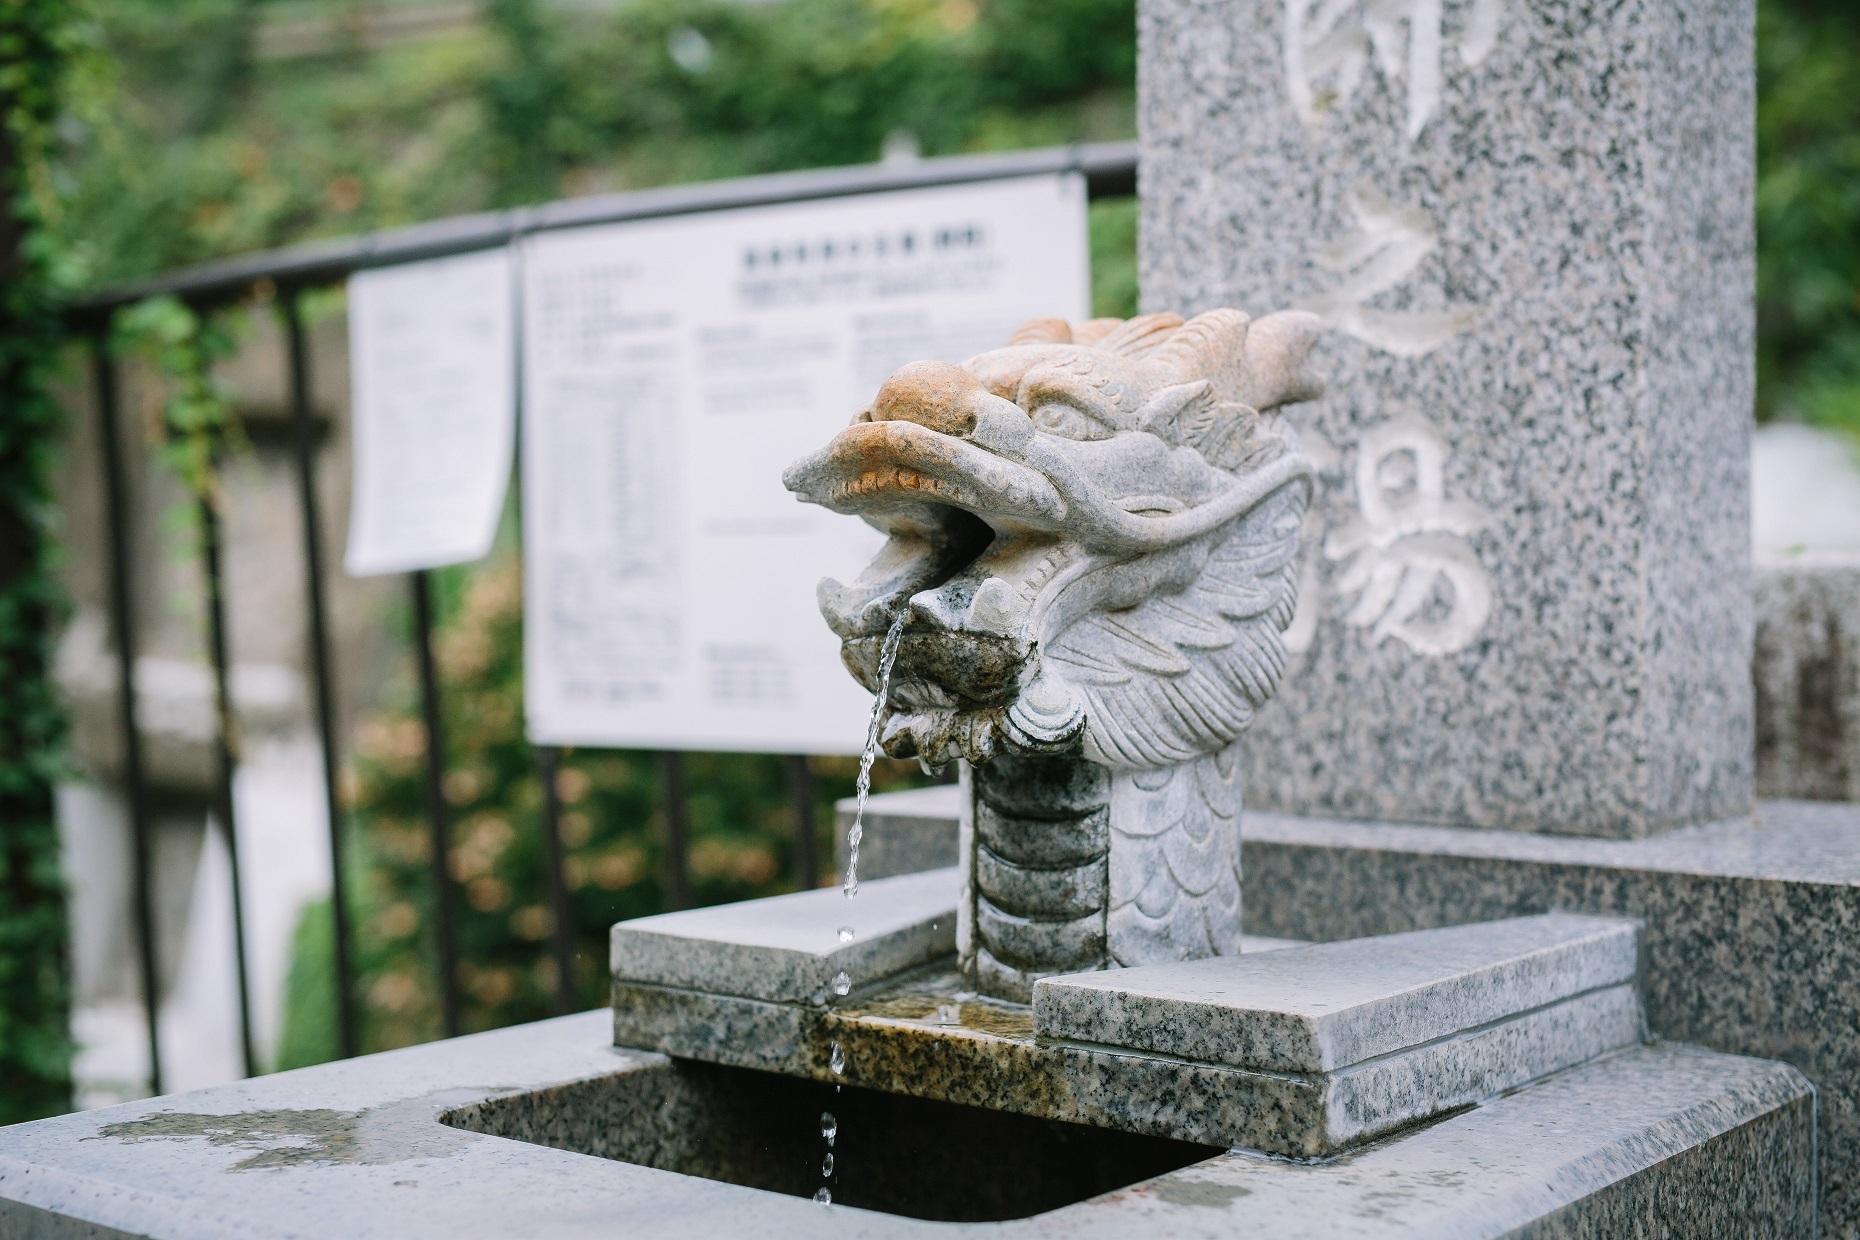 030-006別所温泉ご宿泊補助券3枚セット